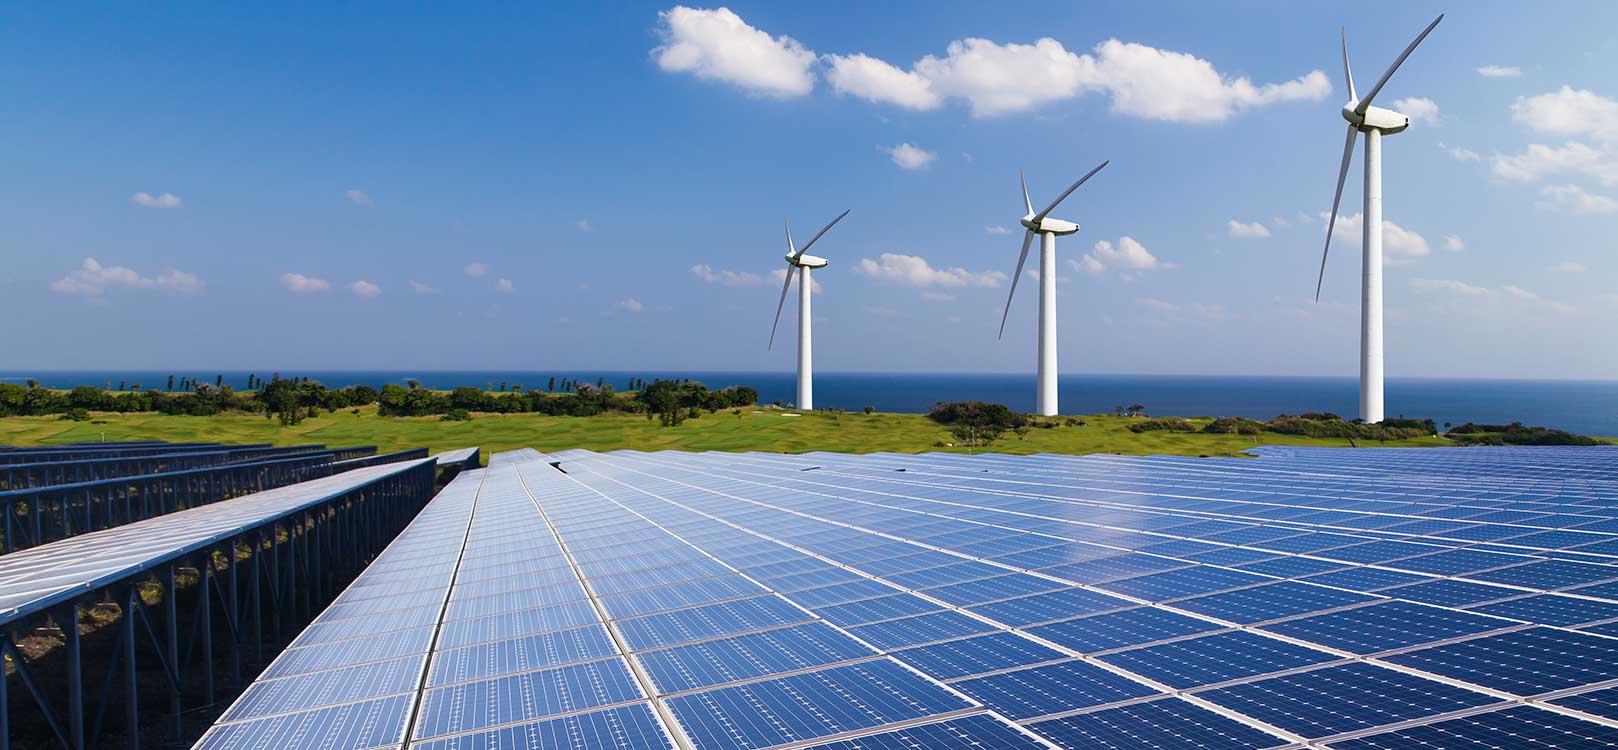 energía eólica, molinos, viento, energías renovables, solar